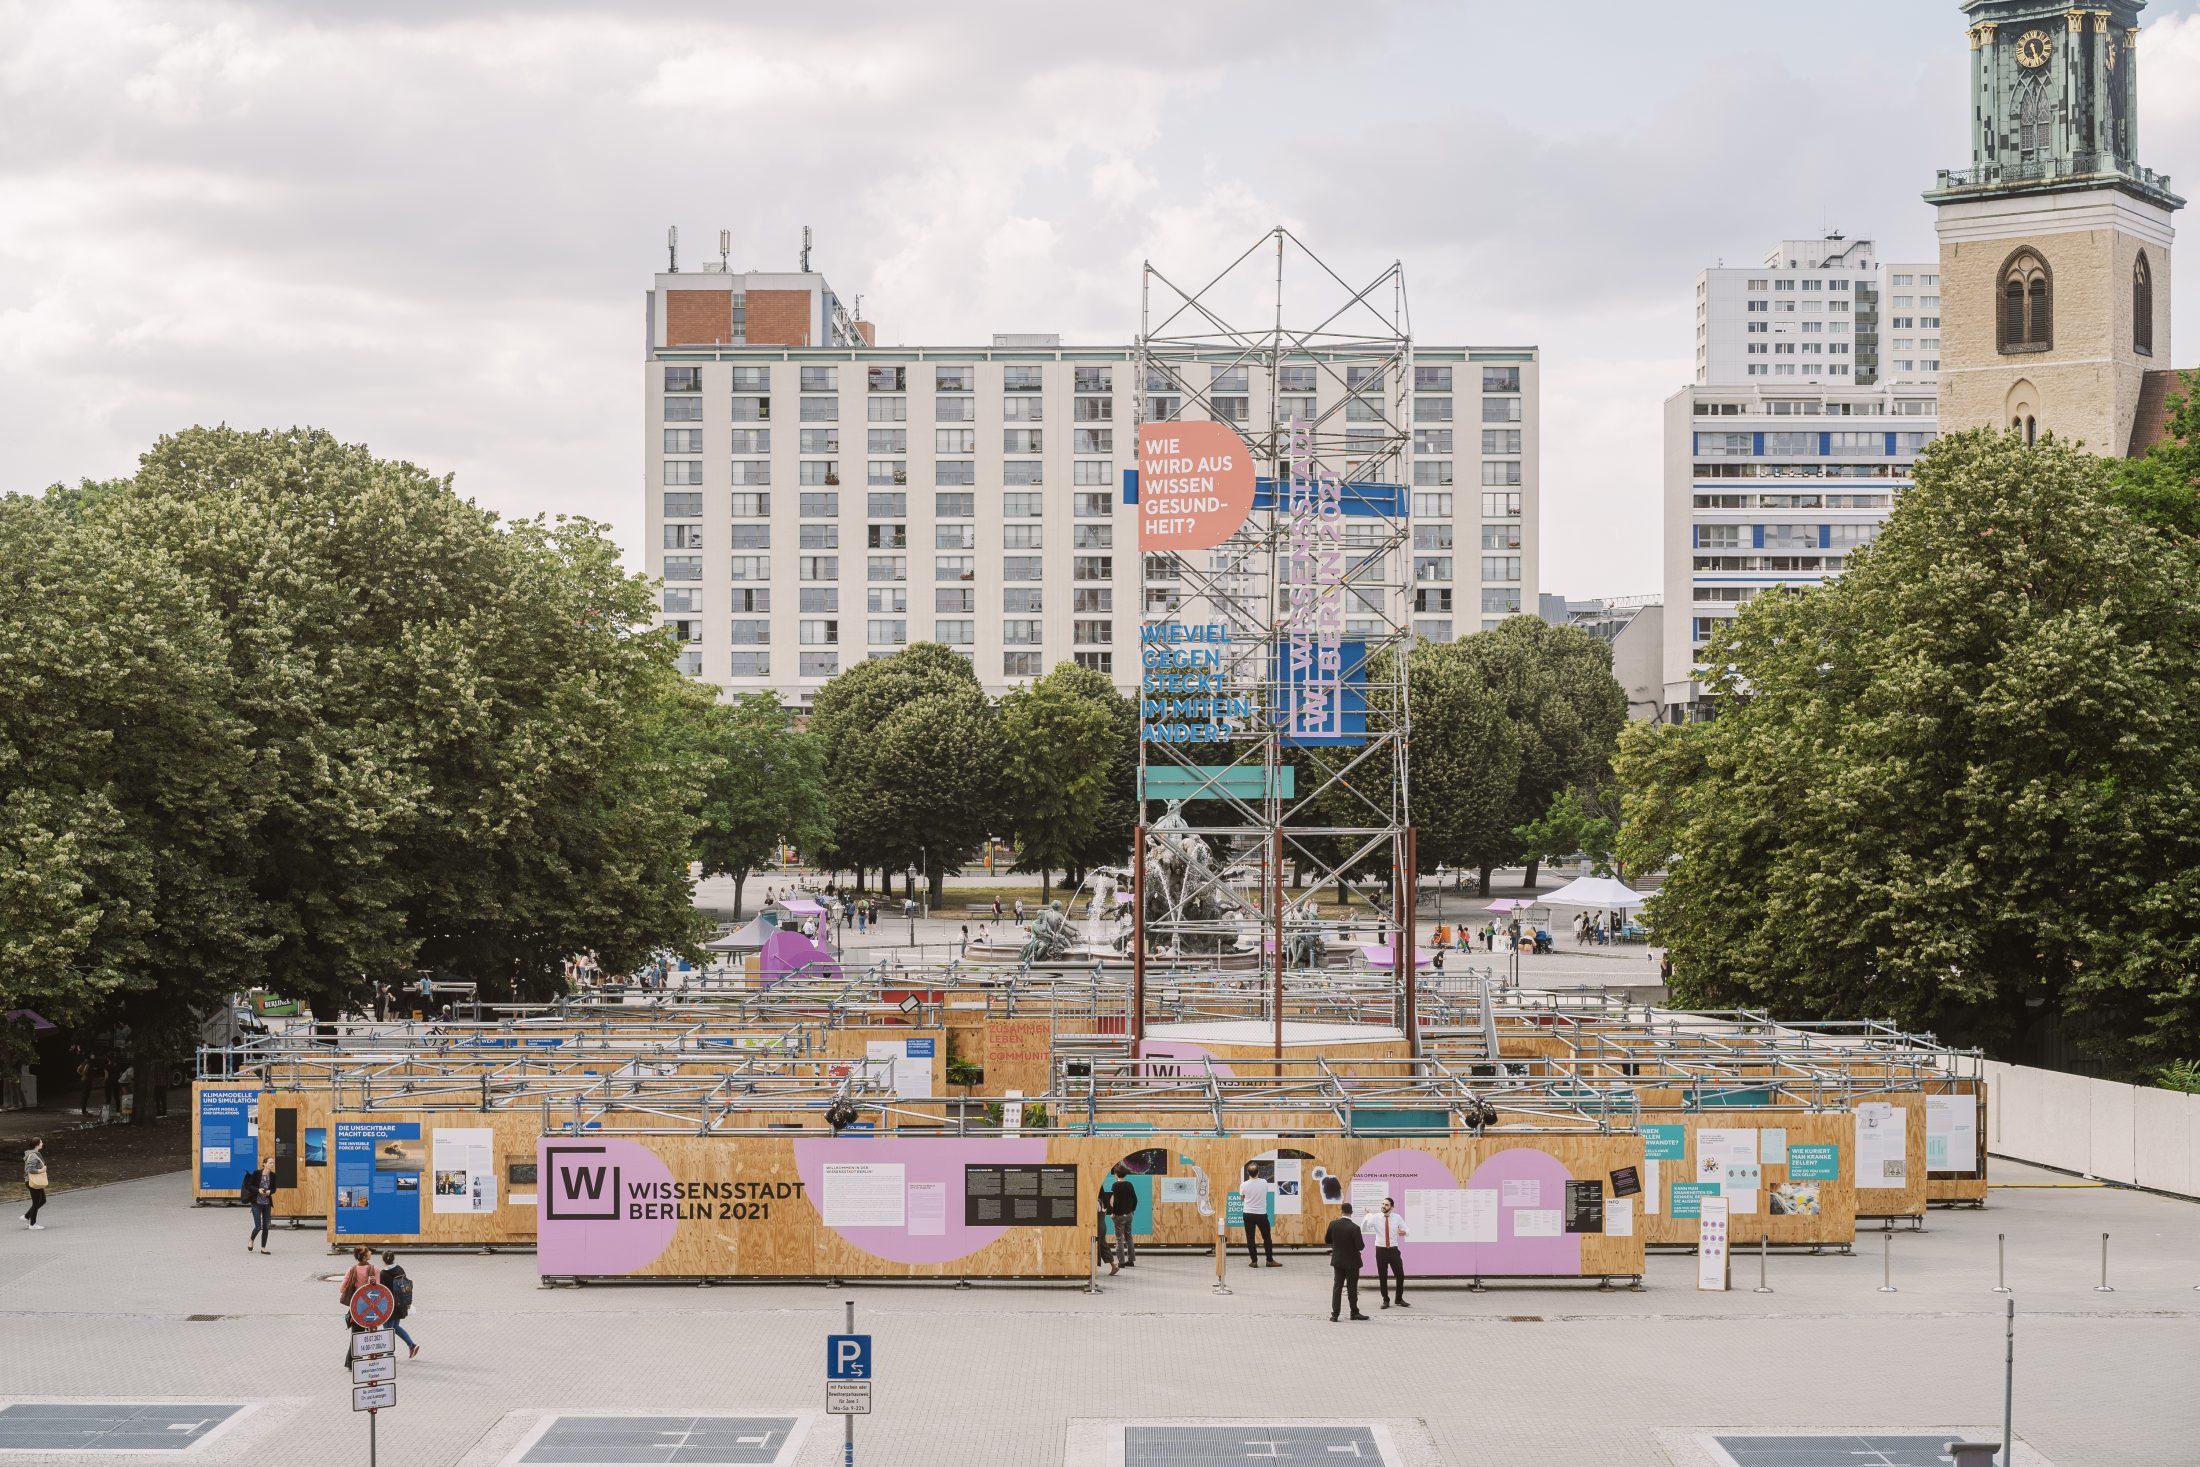 Wissensstadt Berlin 2021